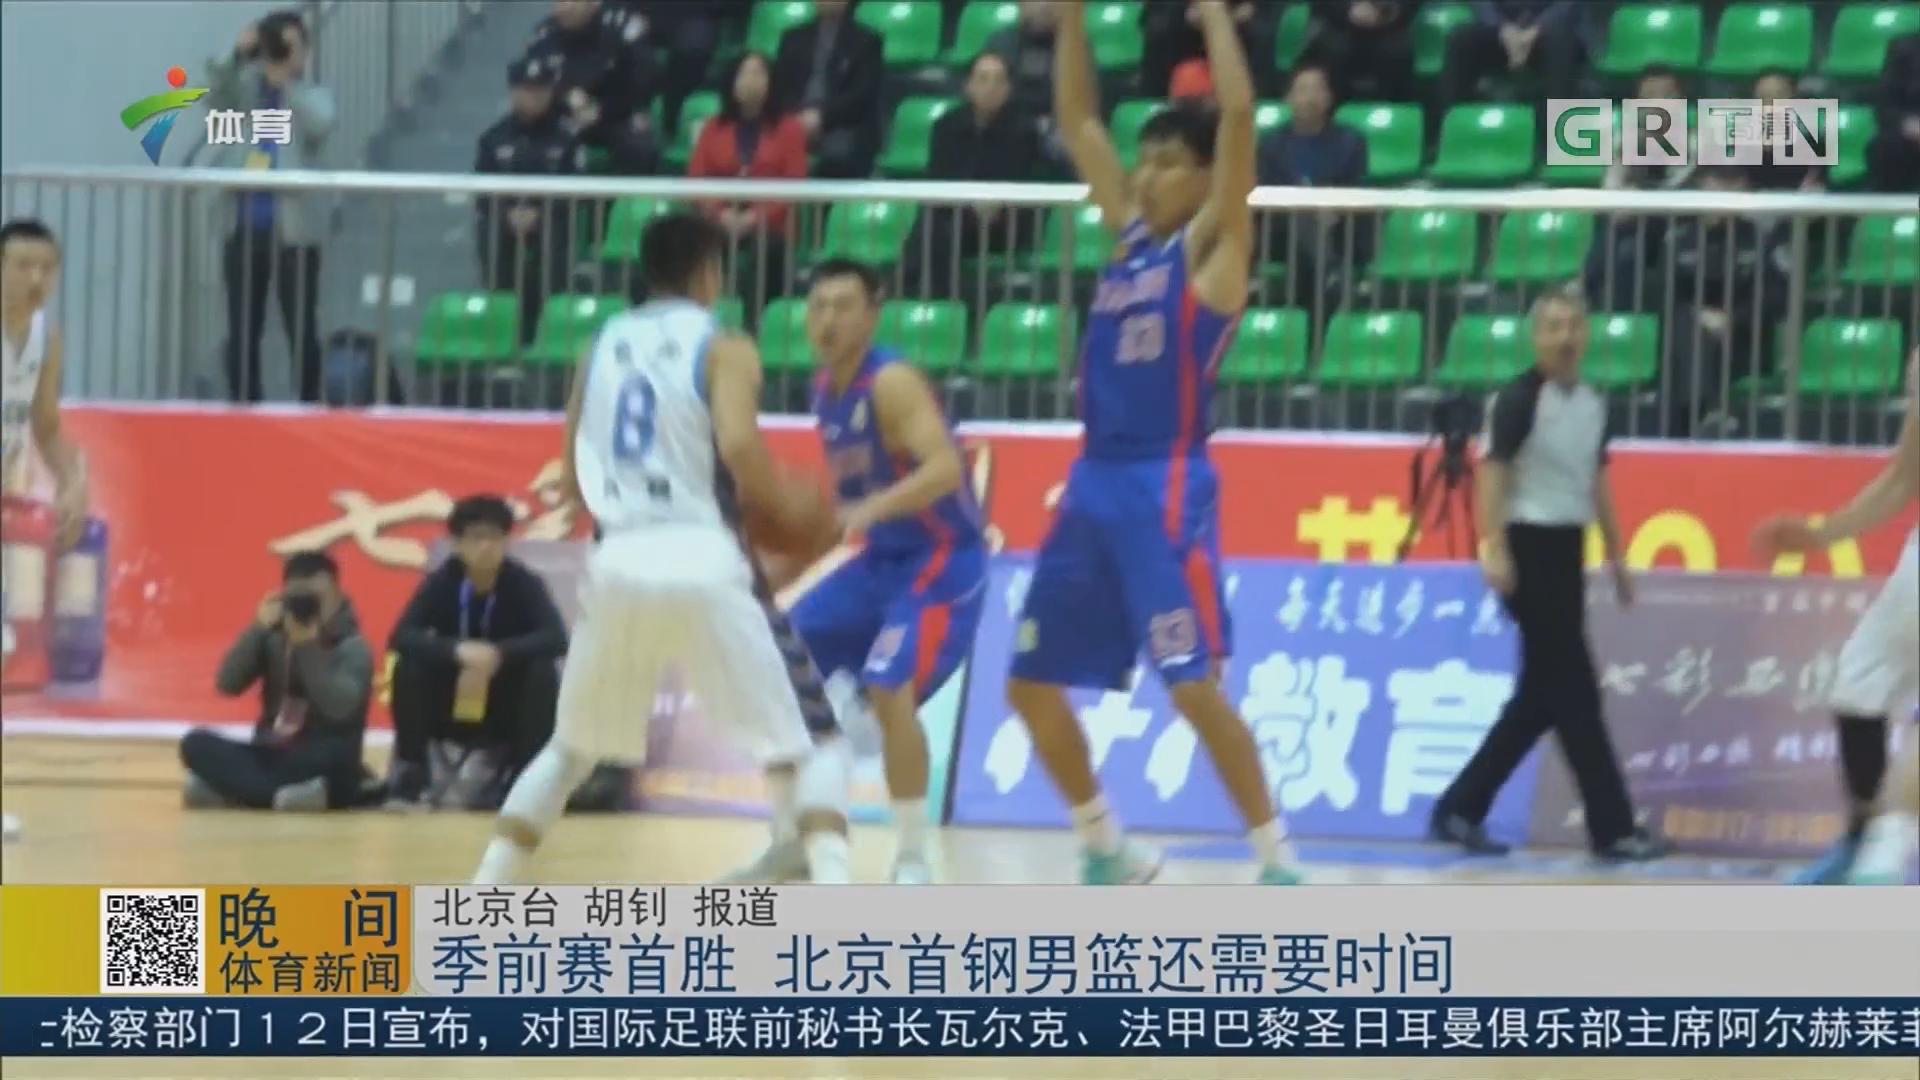 季前赛首胜 北京首钢男篮还需要时间